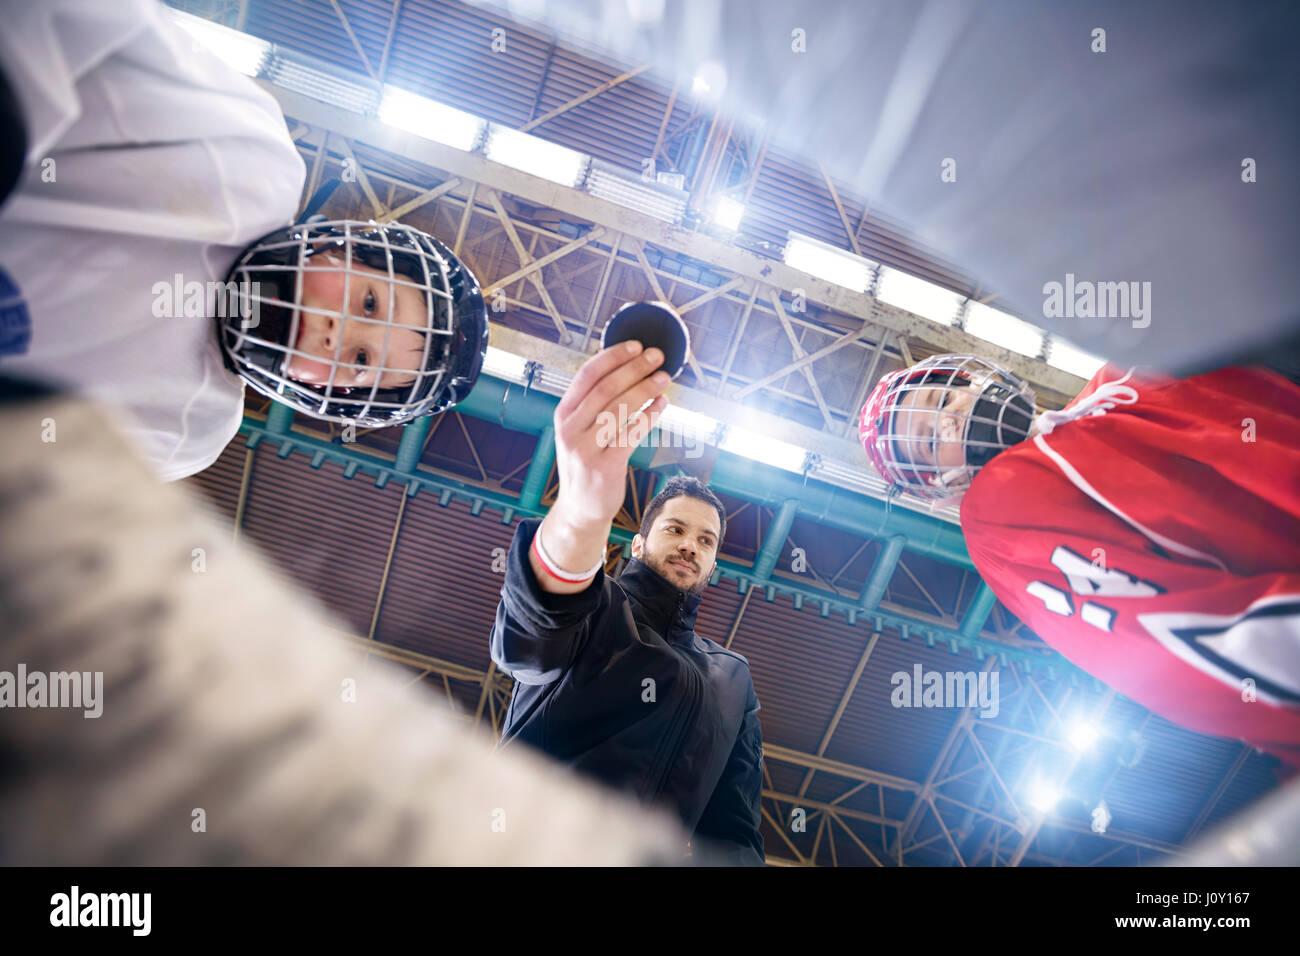 Jeux de hockey sur glace début joueurs Photo Stock